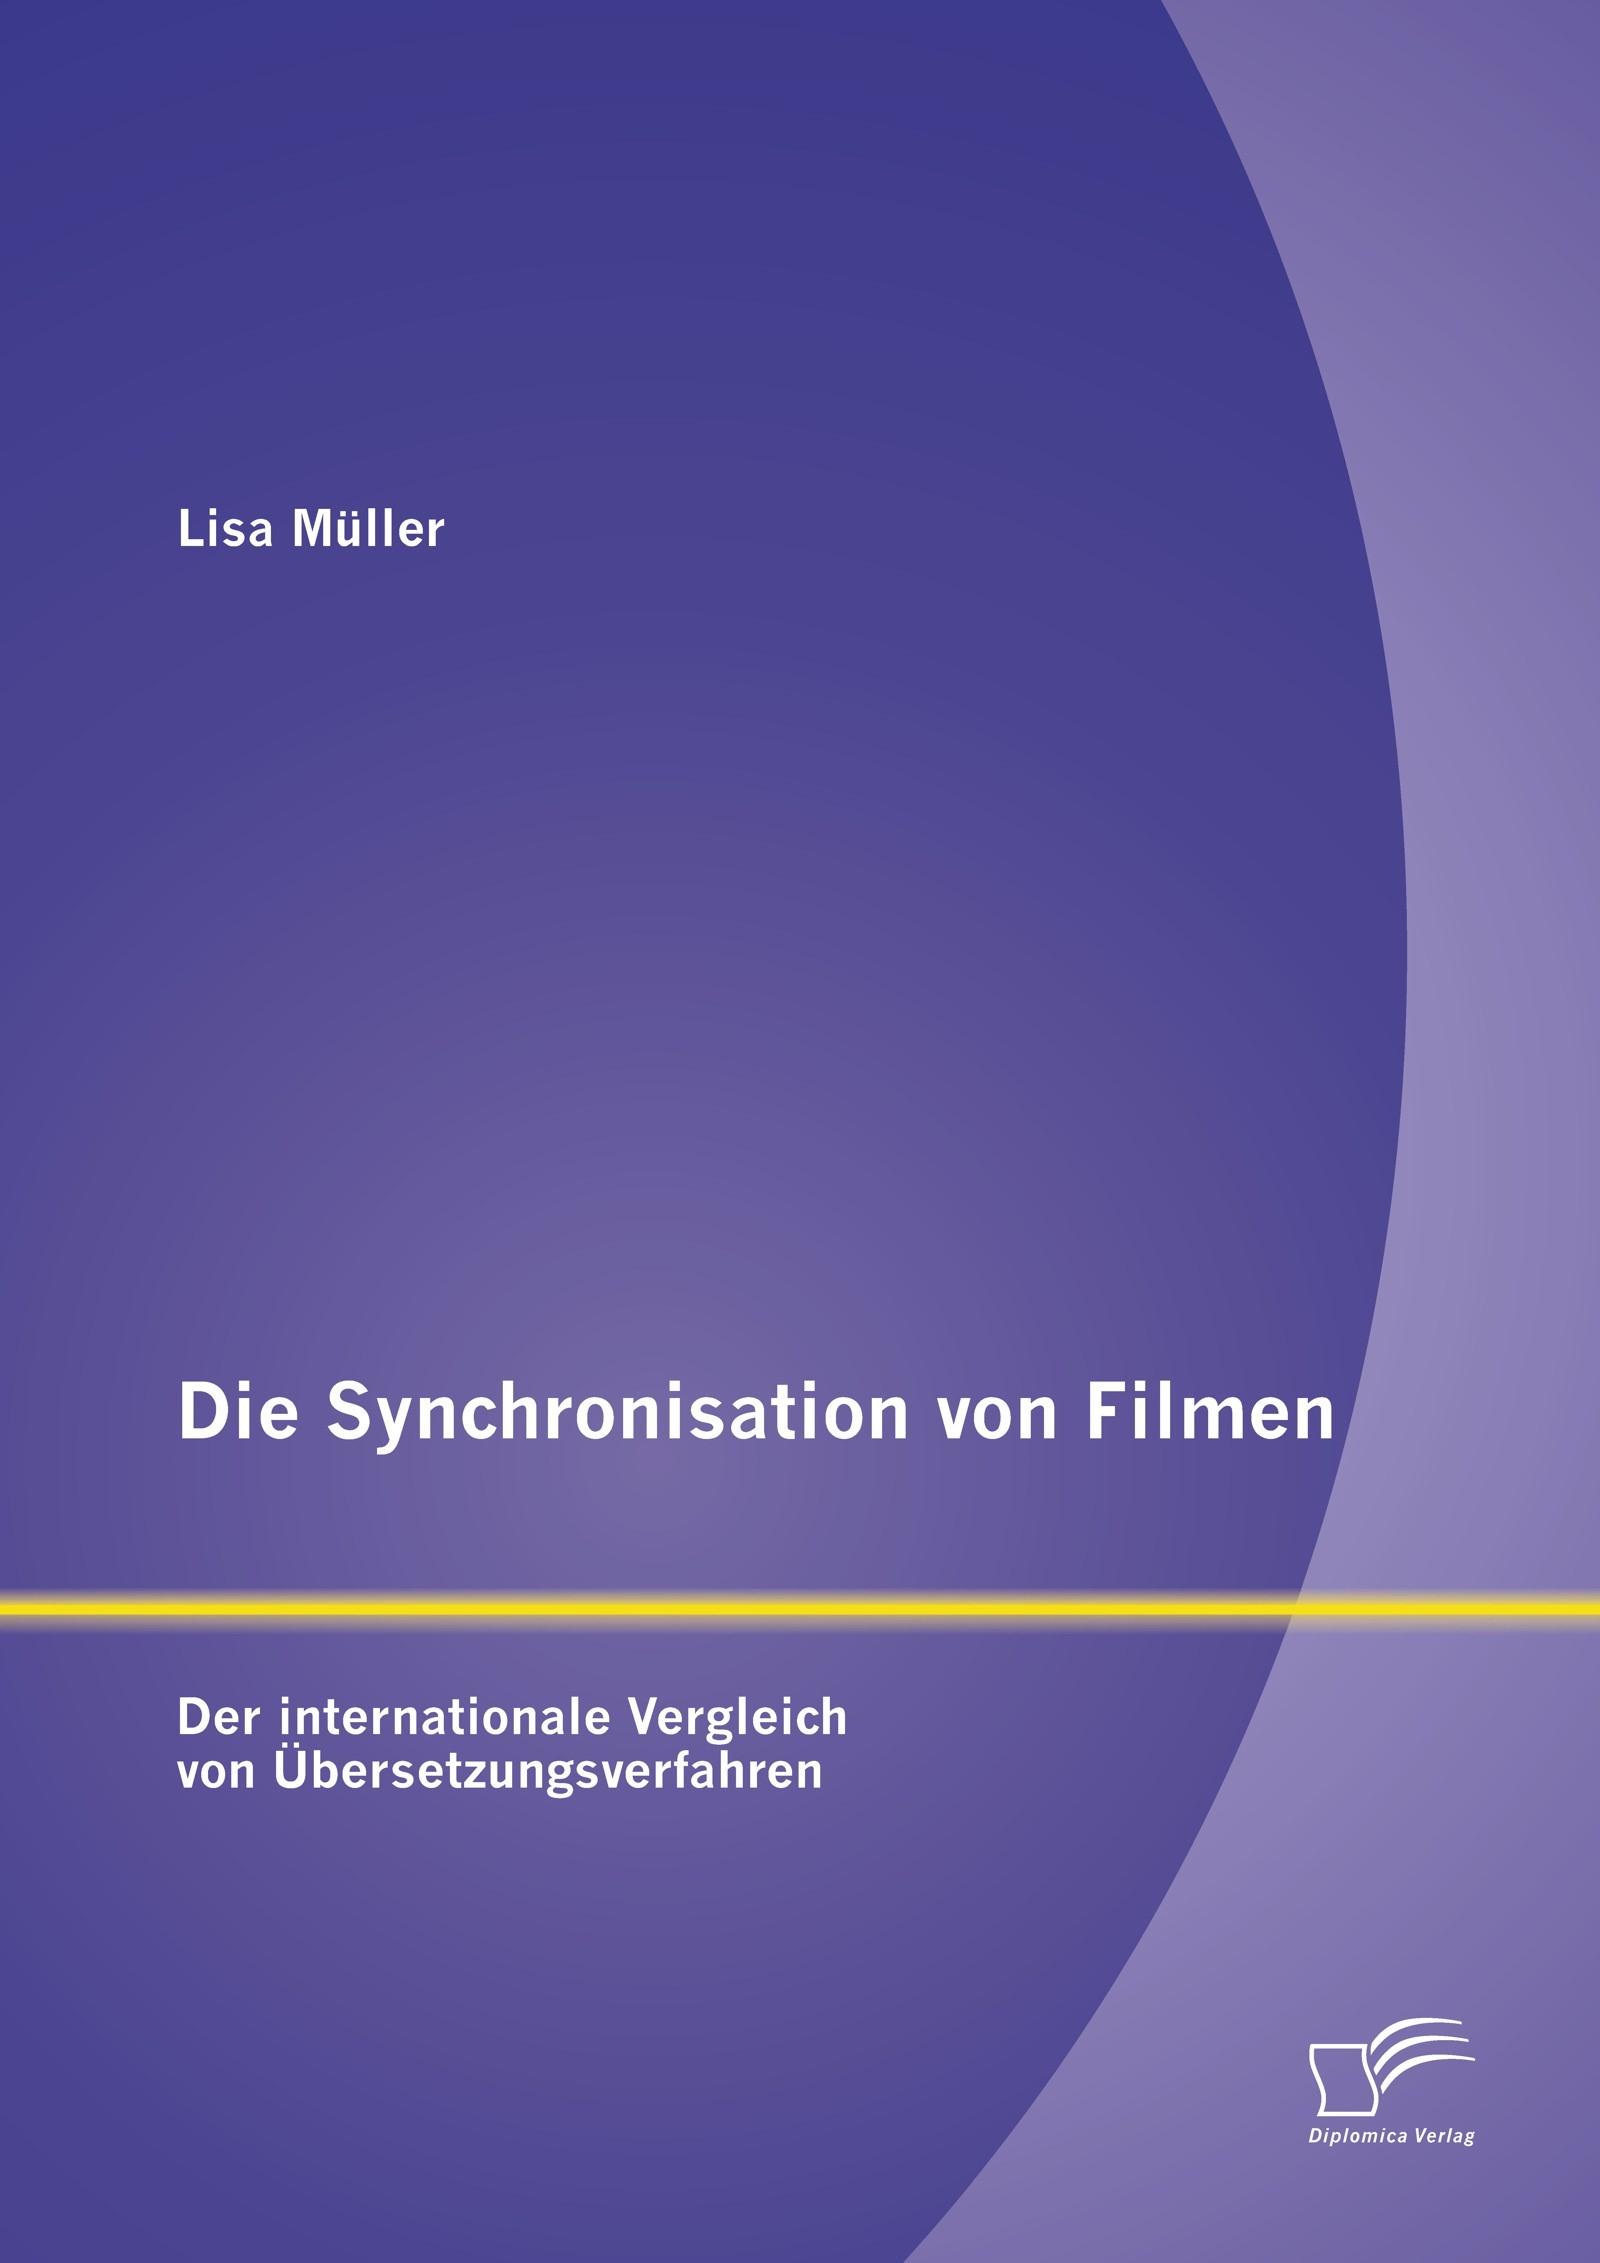 Die Synchronisation von Filmen: Der internationale Vergleich von Übersetzungsverfahren | Müller | Erstauflage, 2014 | Buch (Cover)